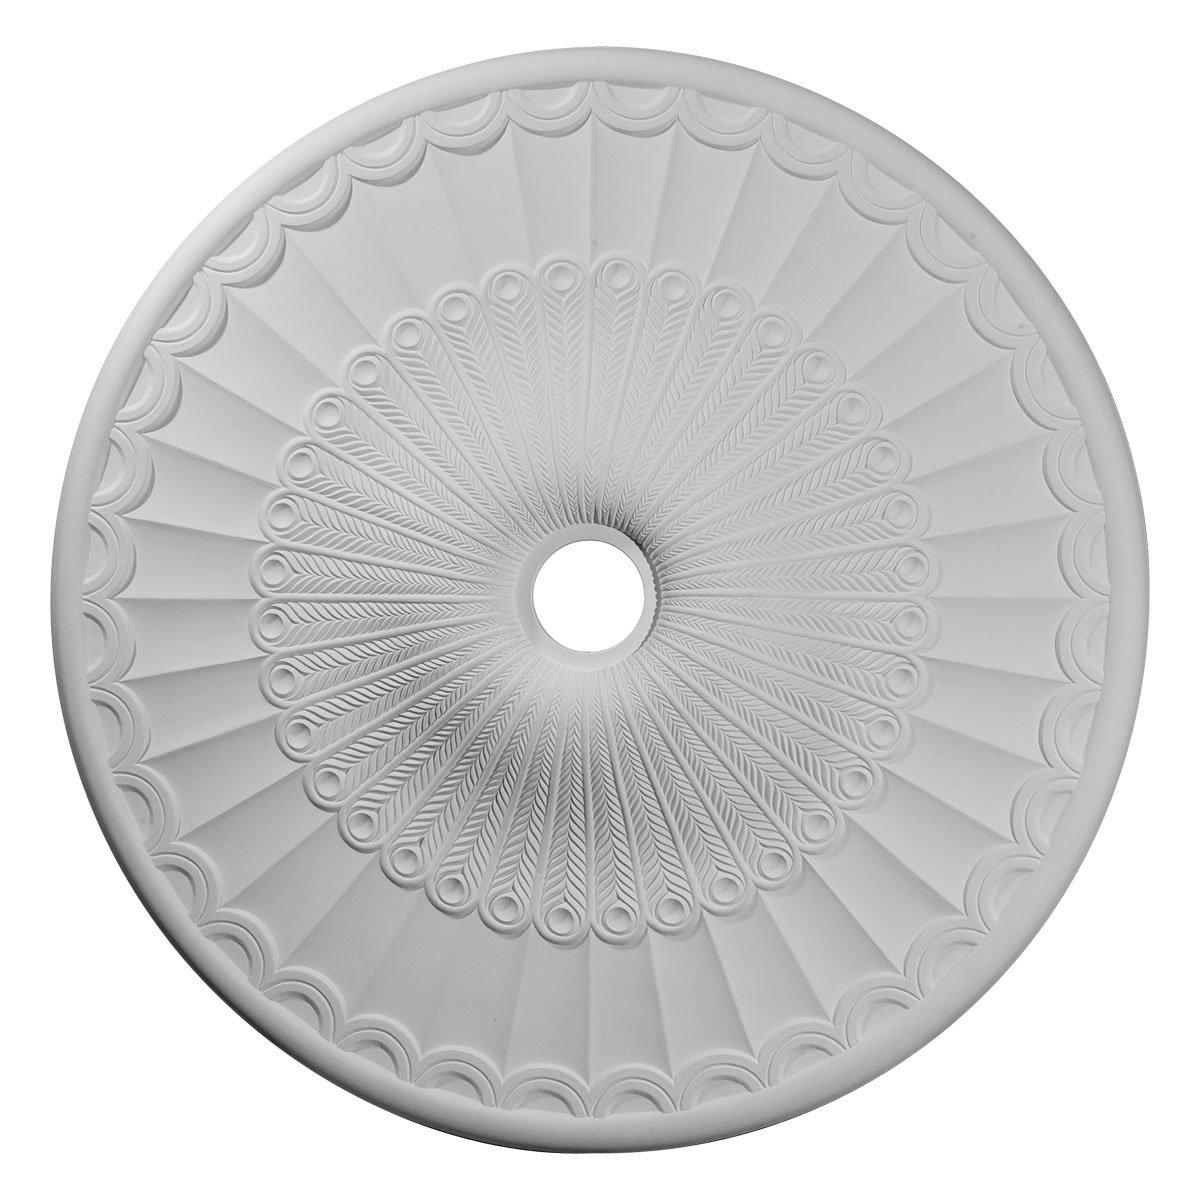 Ekena Millwork CM36GL 36 5/8-Inch OD x 3 5/8-Inch ID x 2 3/8-Inch P Galveston Ceiling Medallion by Ekena Millwork